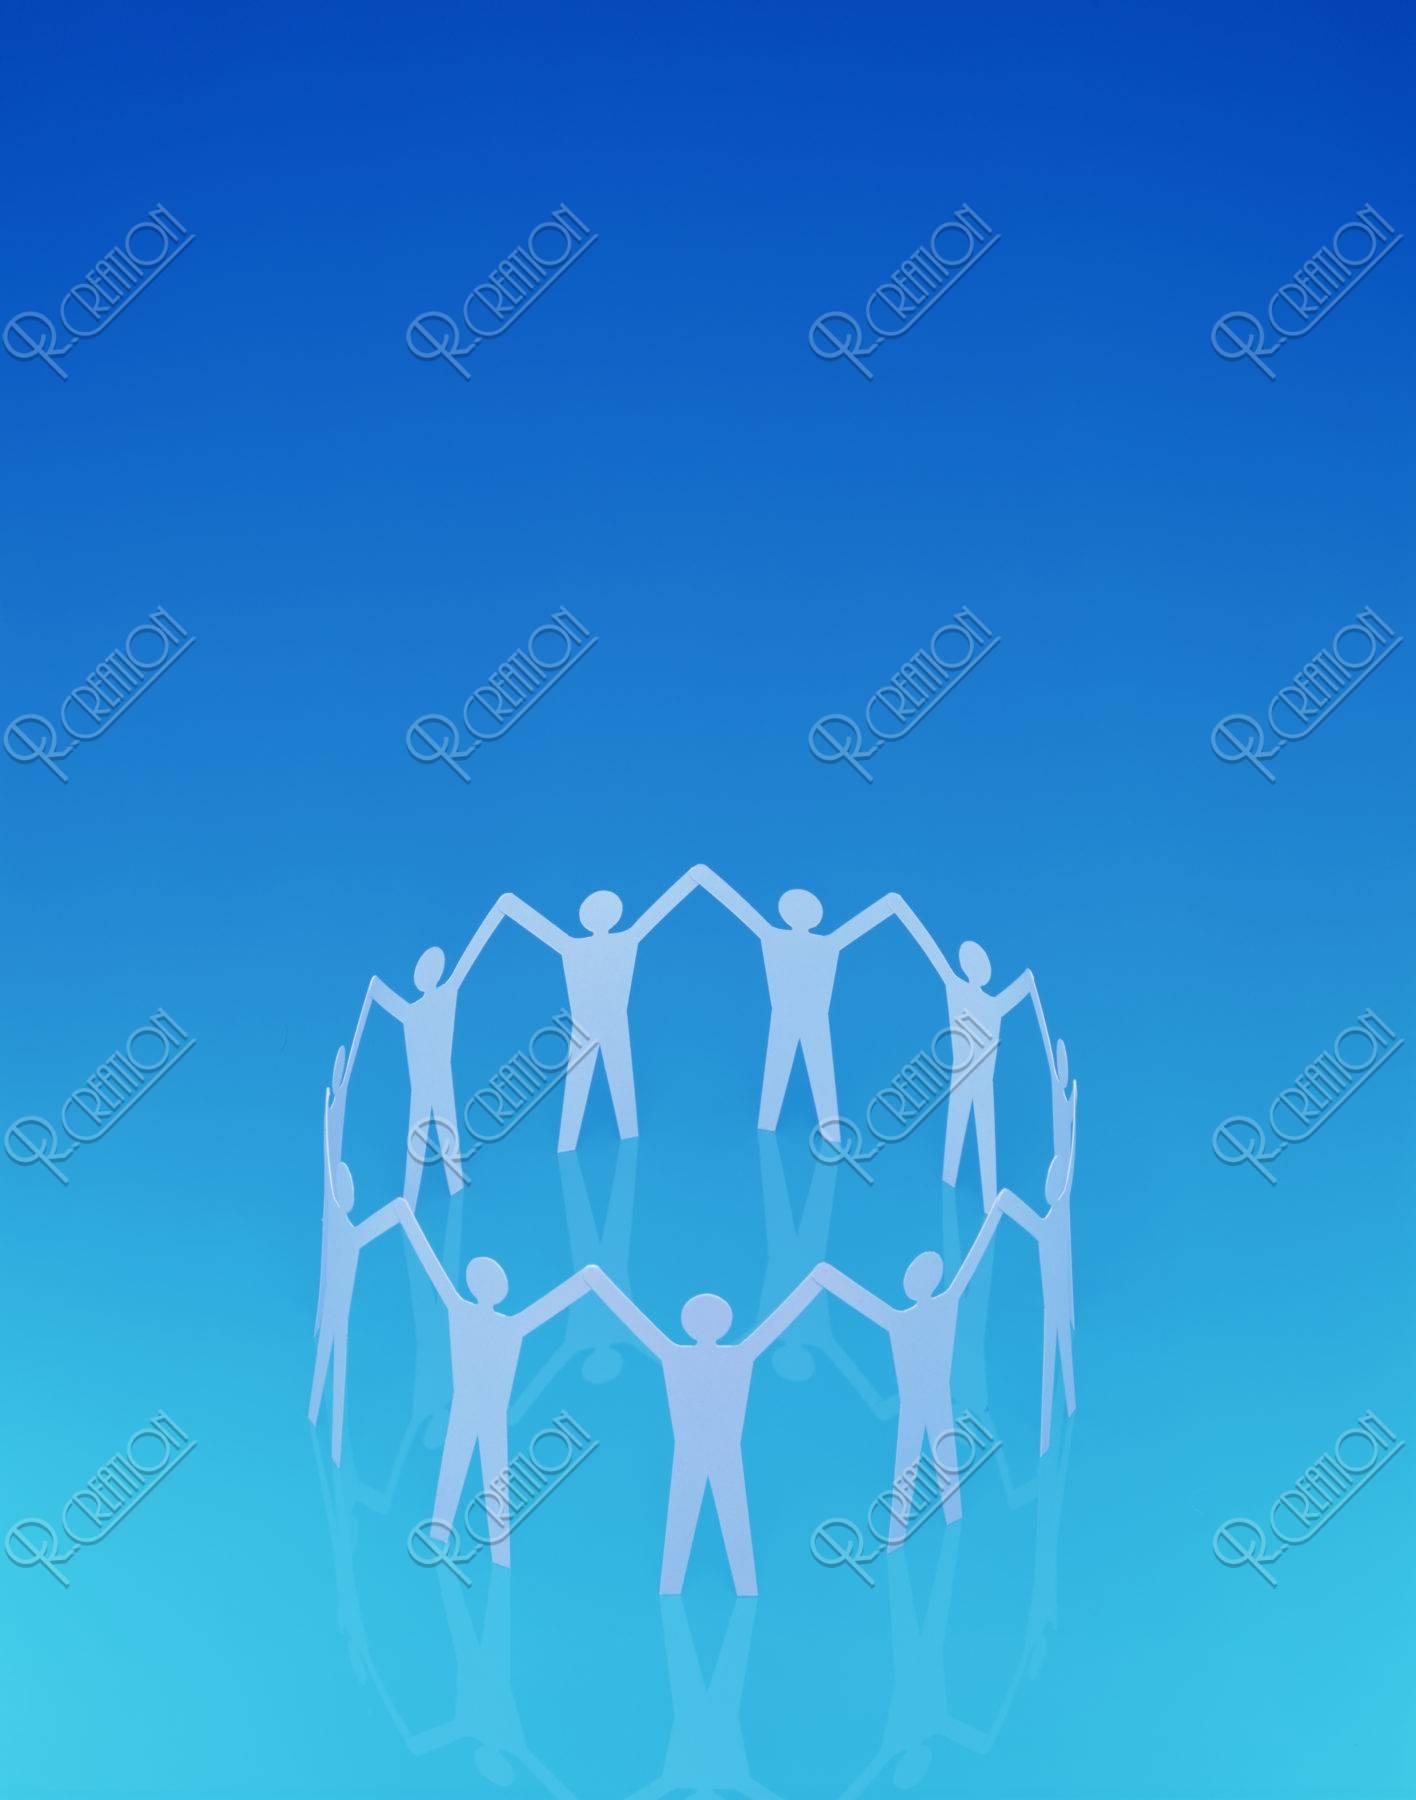 円に並んだ人の形